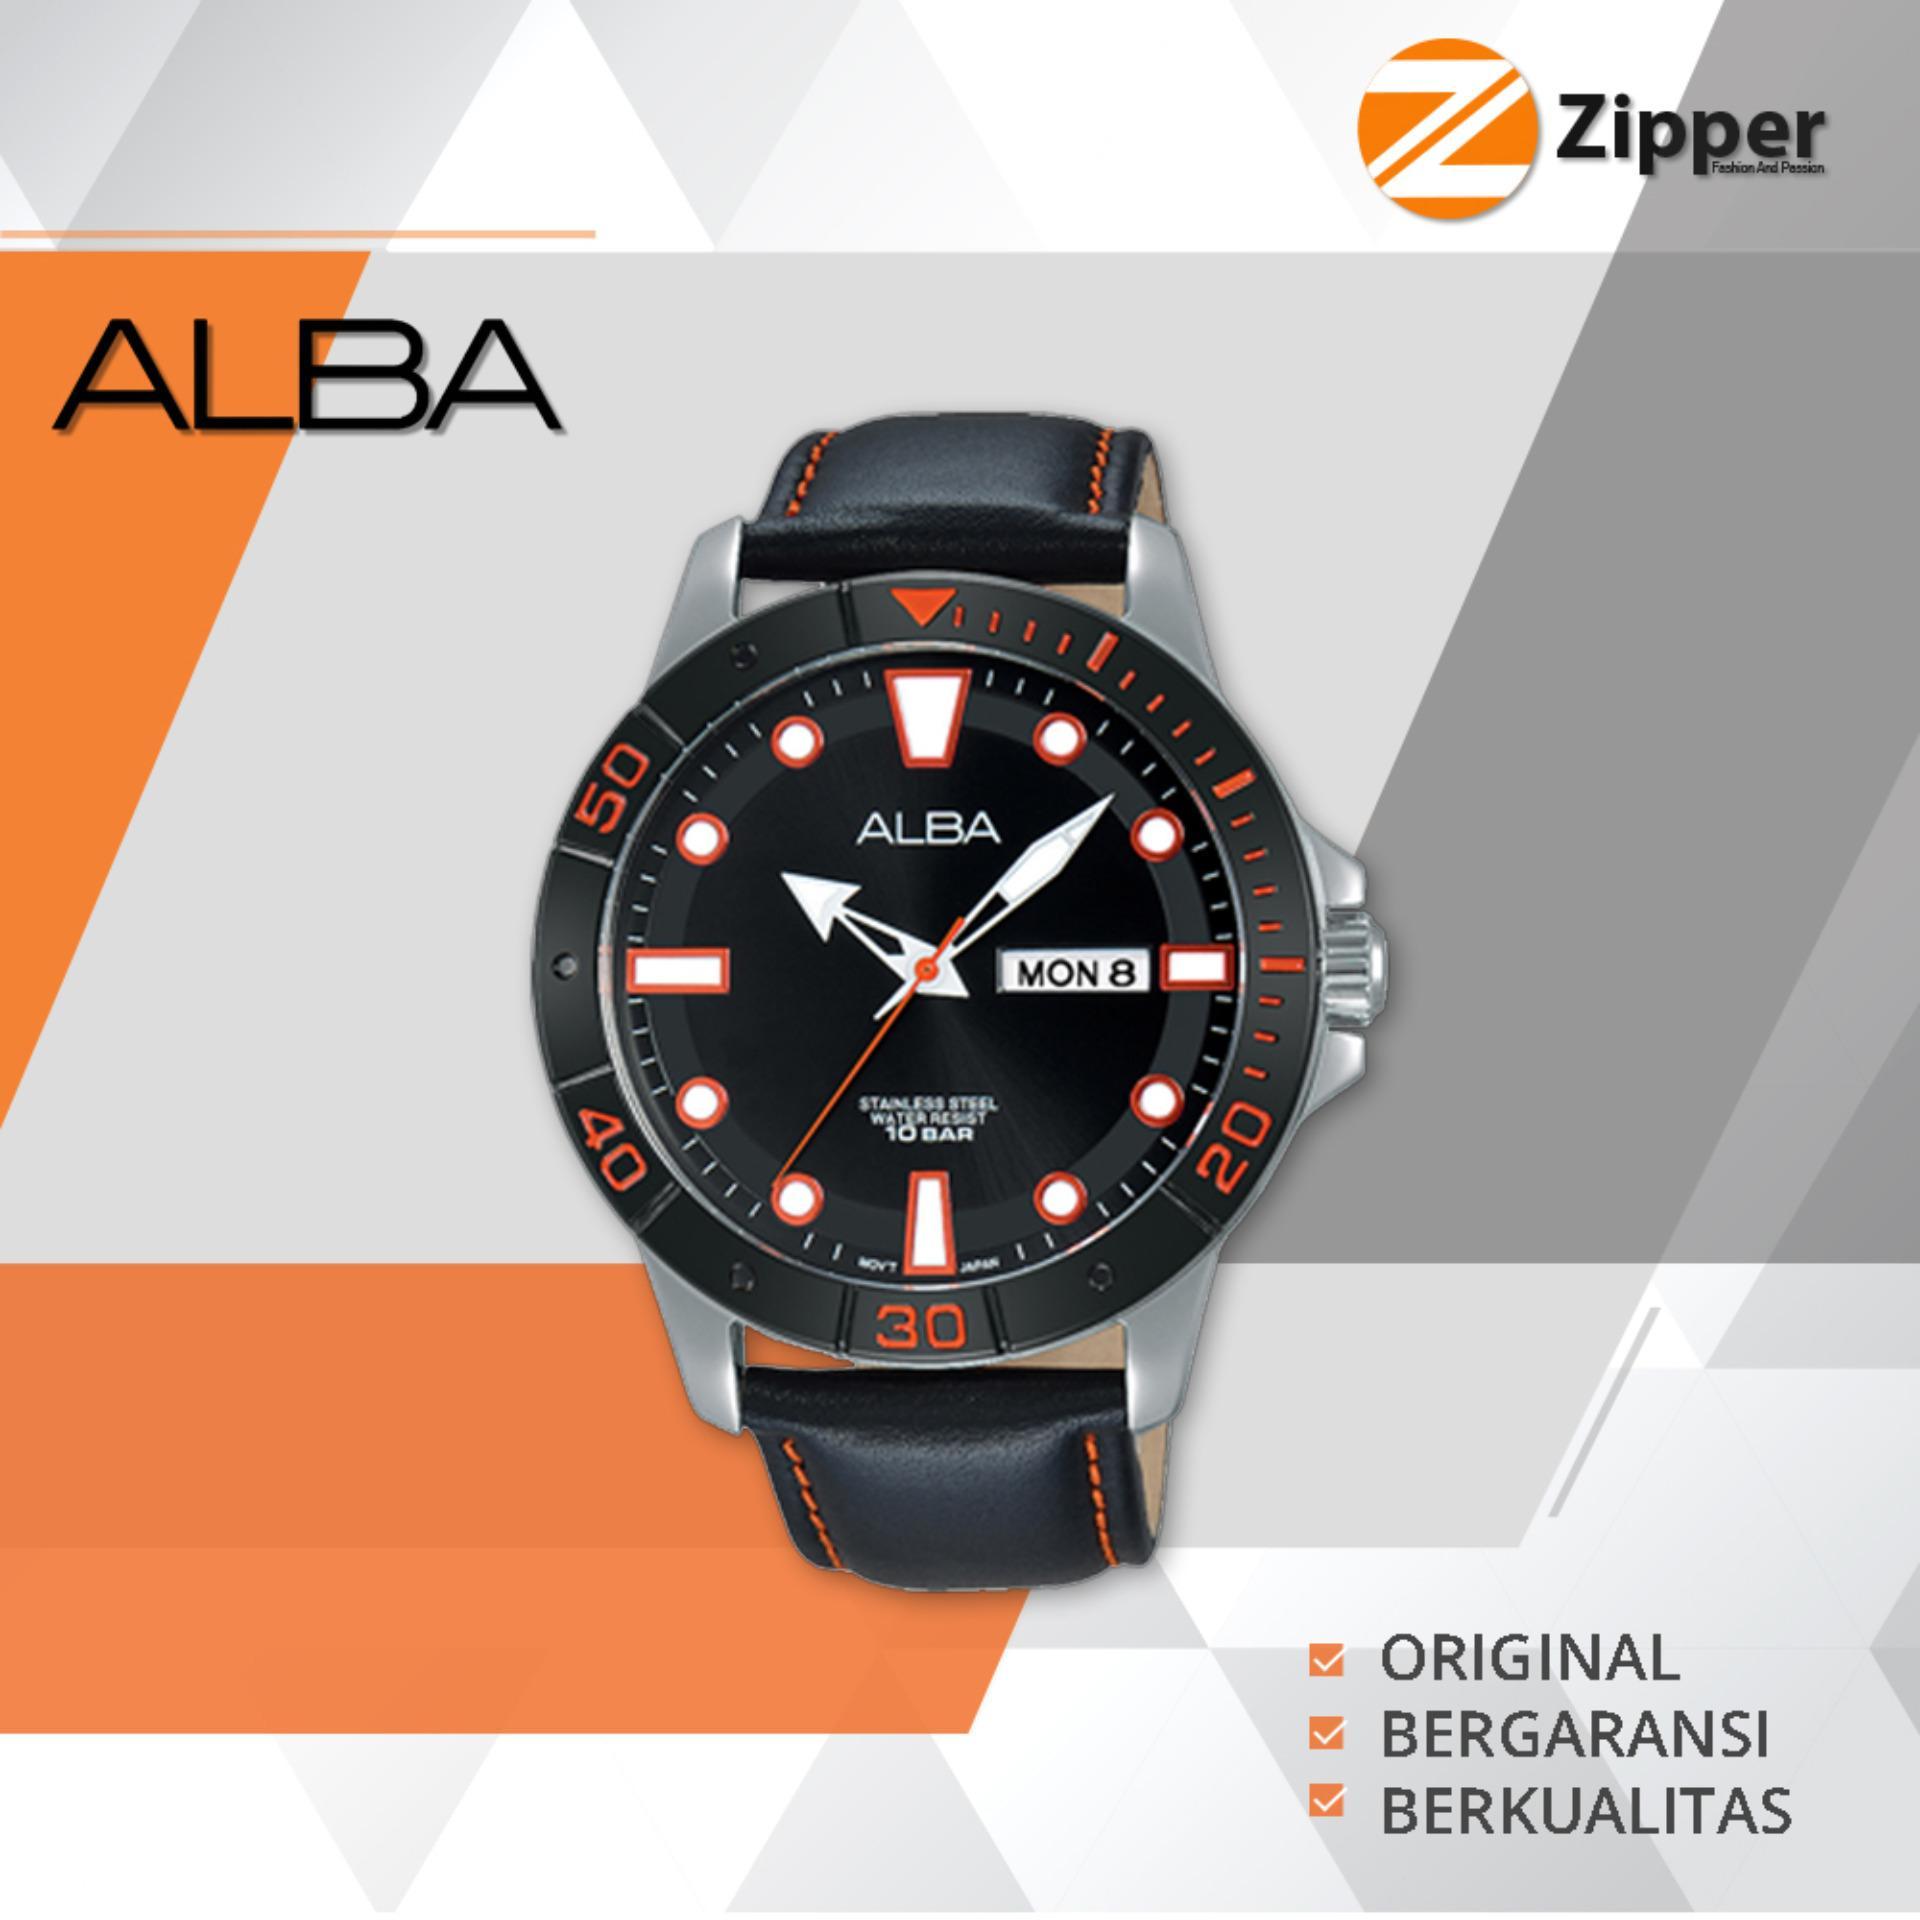 Alba Active Analog Jam Tangan Pria Tali Kulit AT2045X1